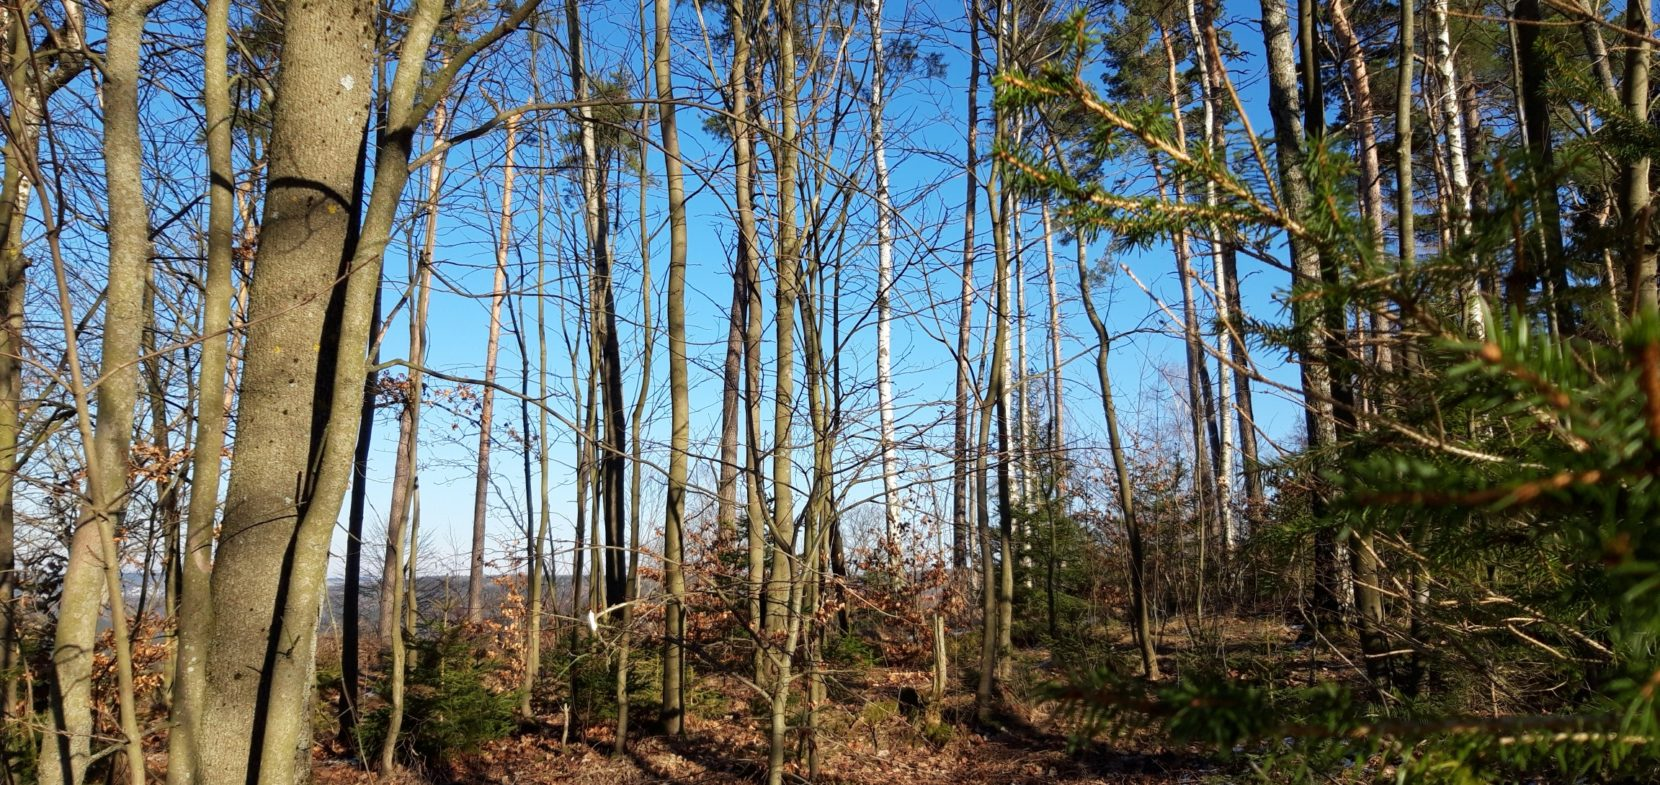 Kirchliche Waldgemeinschaft Vogtland